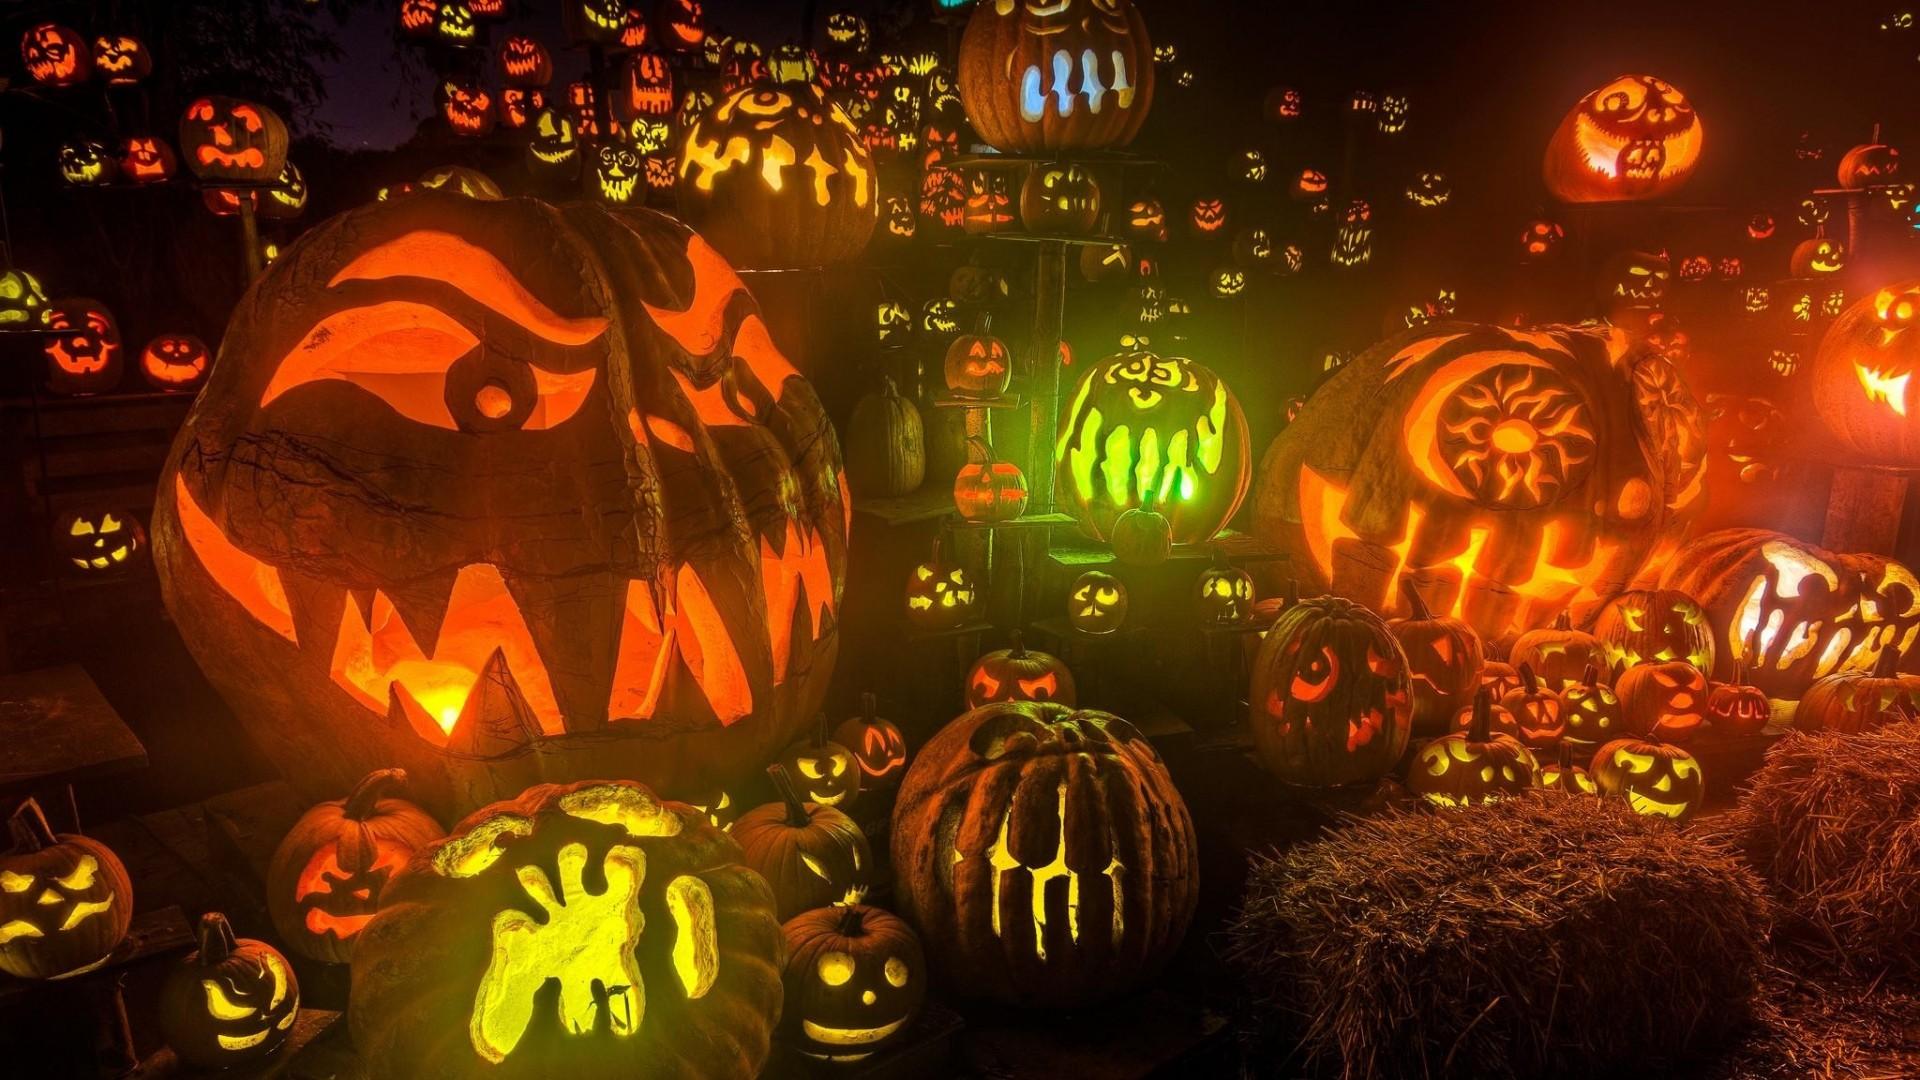 HD Halloween Backgrounds | PixelsTalk.Net. HD Halloween Backgrounds  PixelsTalk Net